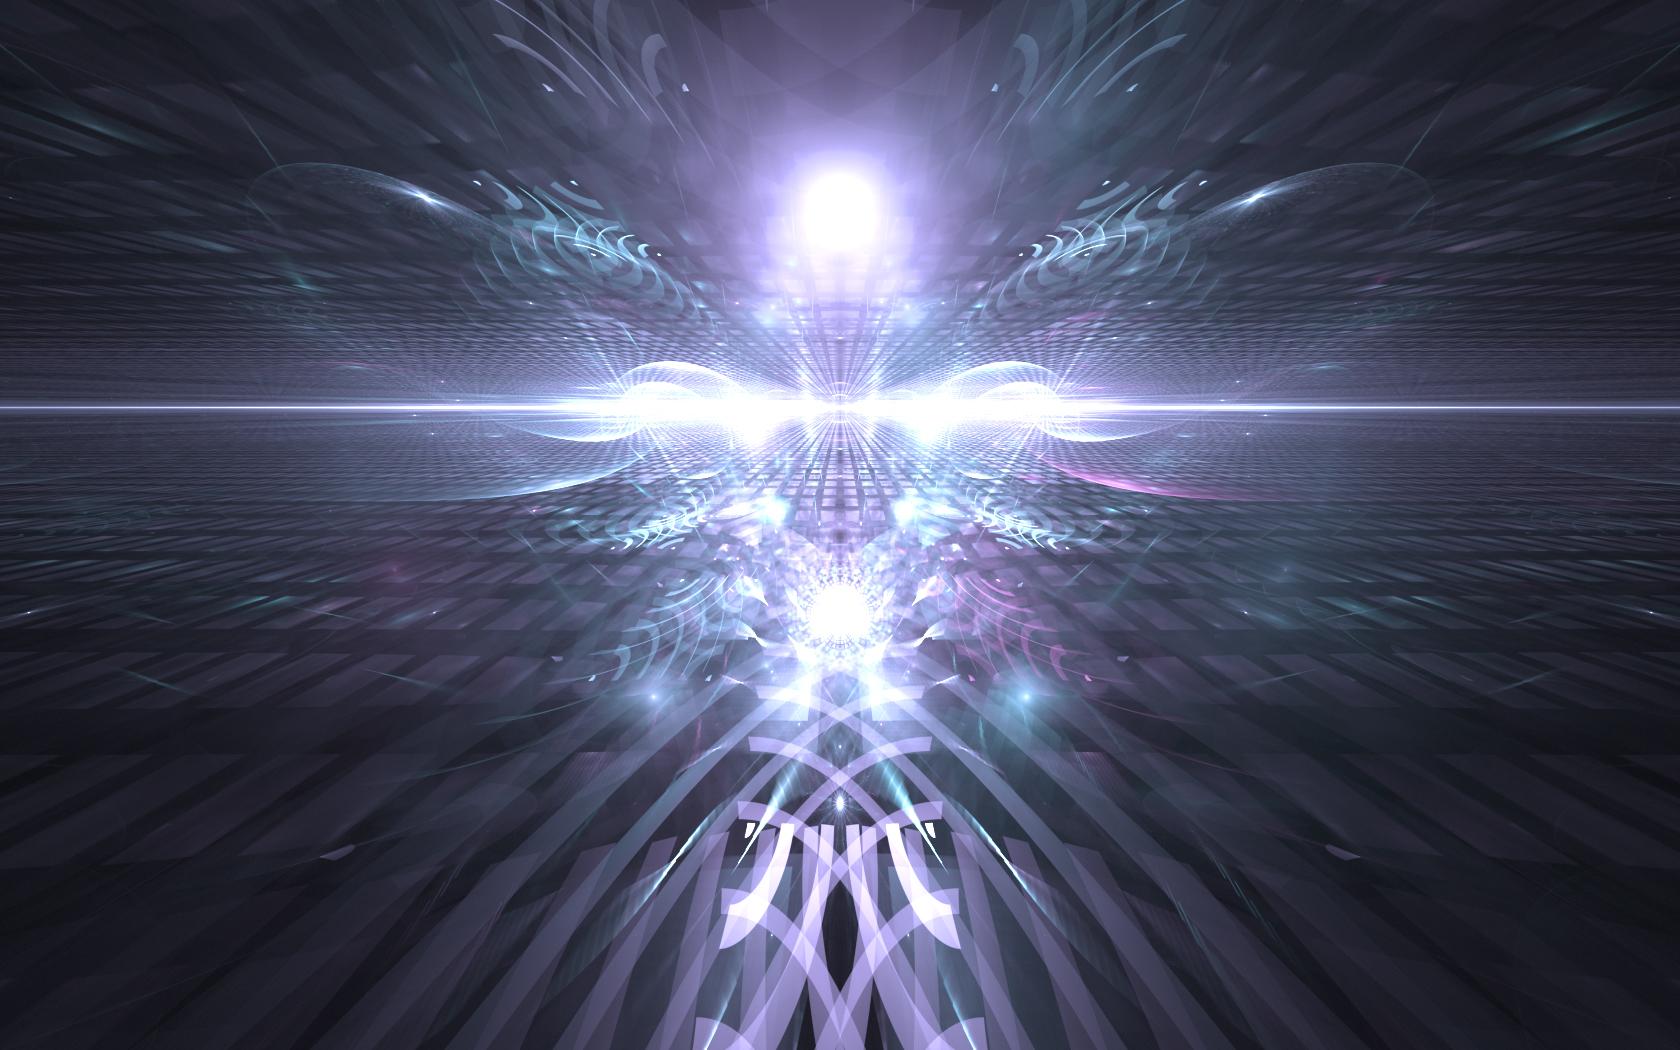 Spiritual-Images-1.jpg